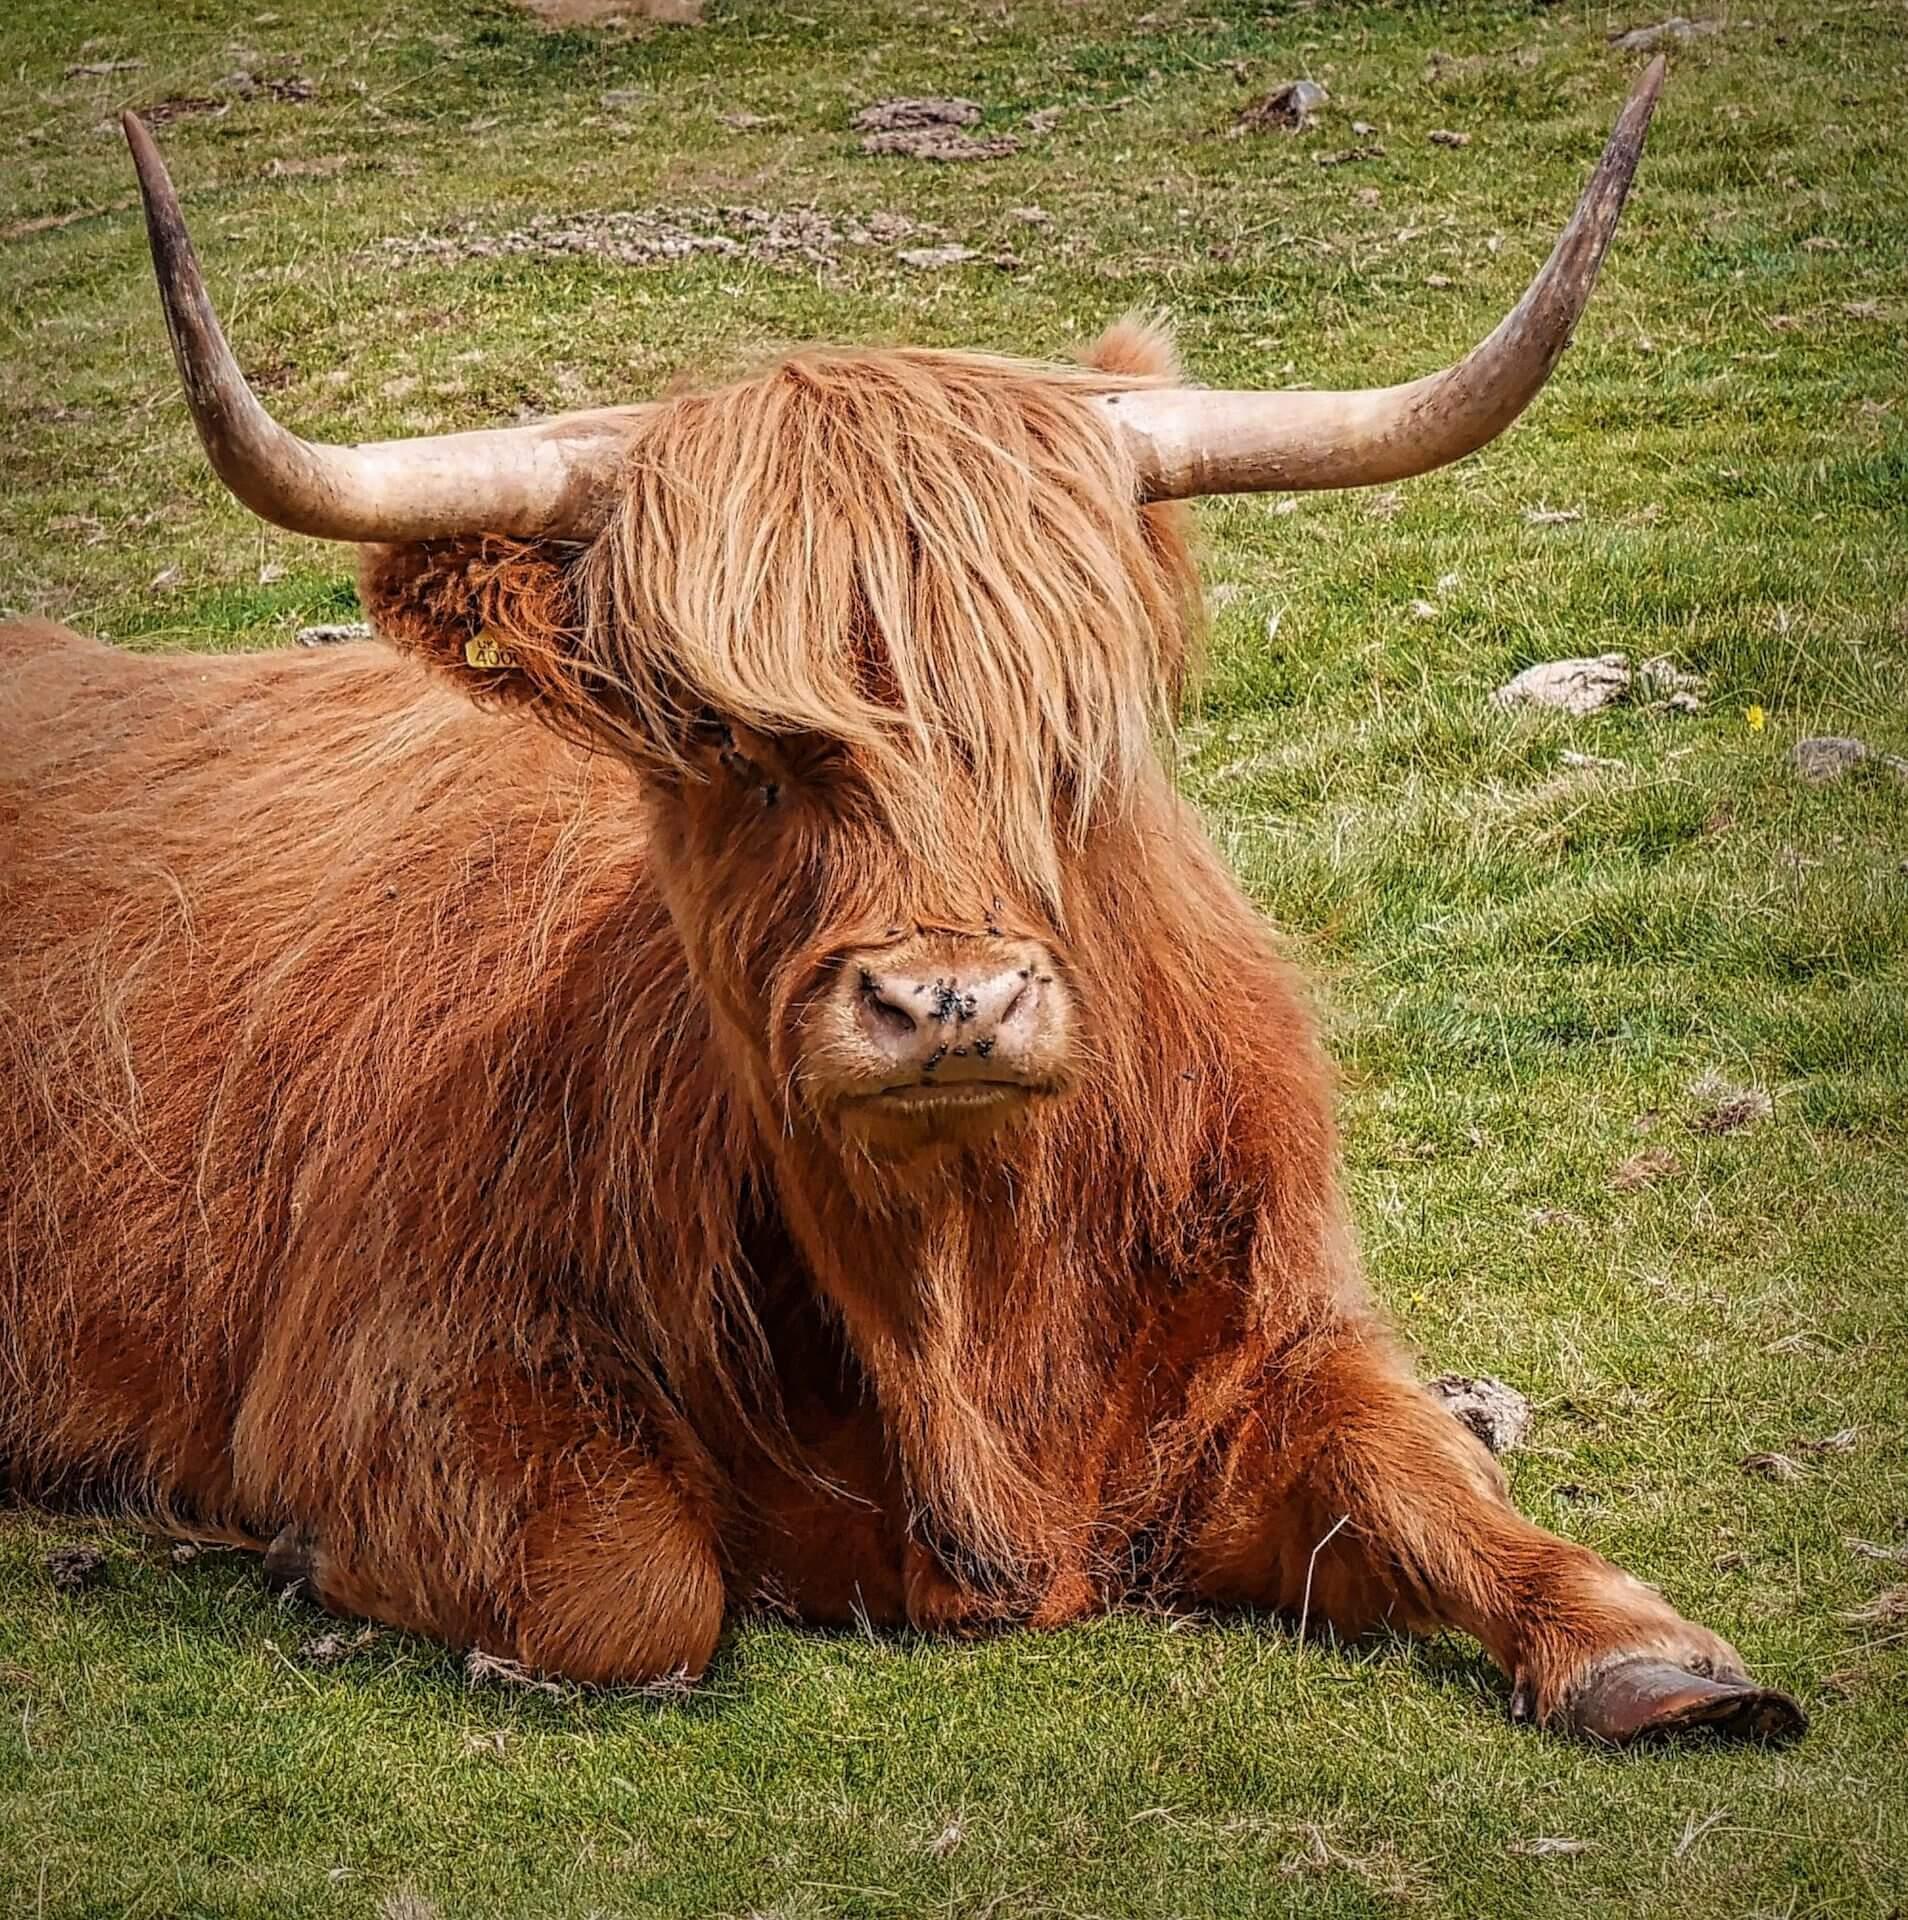 تورو, شعر, الأبواق, الثروة الحيوانية, هاميش, أرغيل, اسكتلندا - خلفيات عالية الدقة - أستاذ falken.com